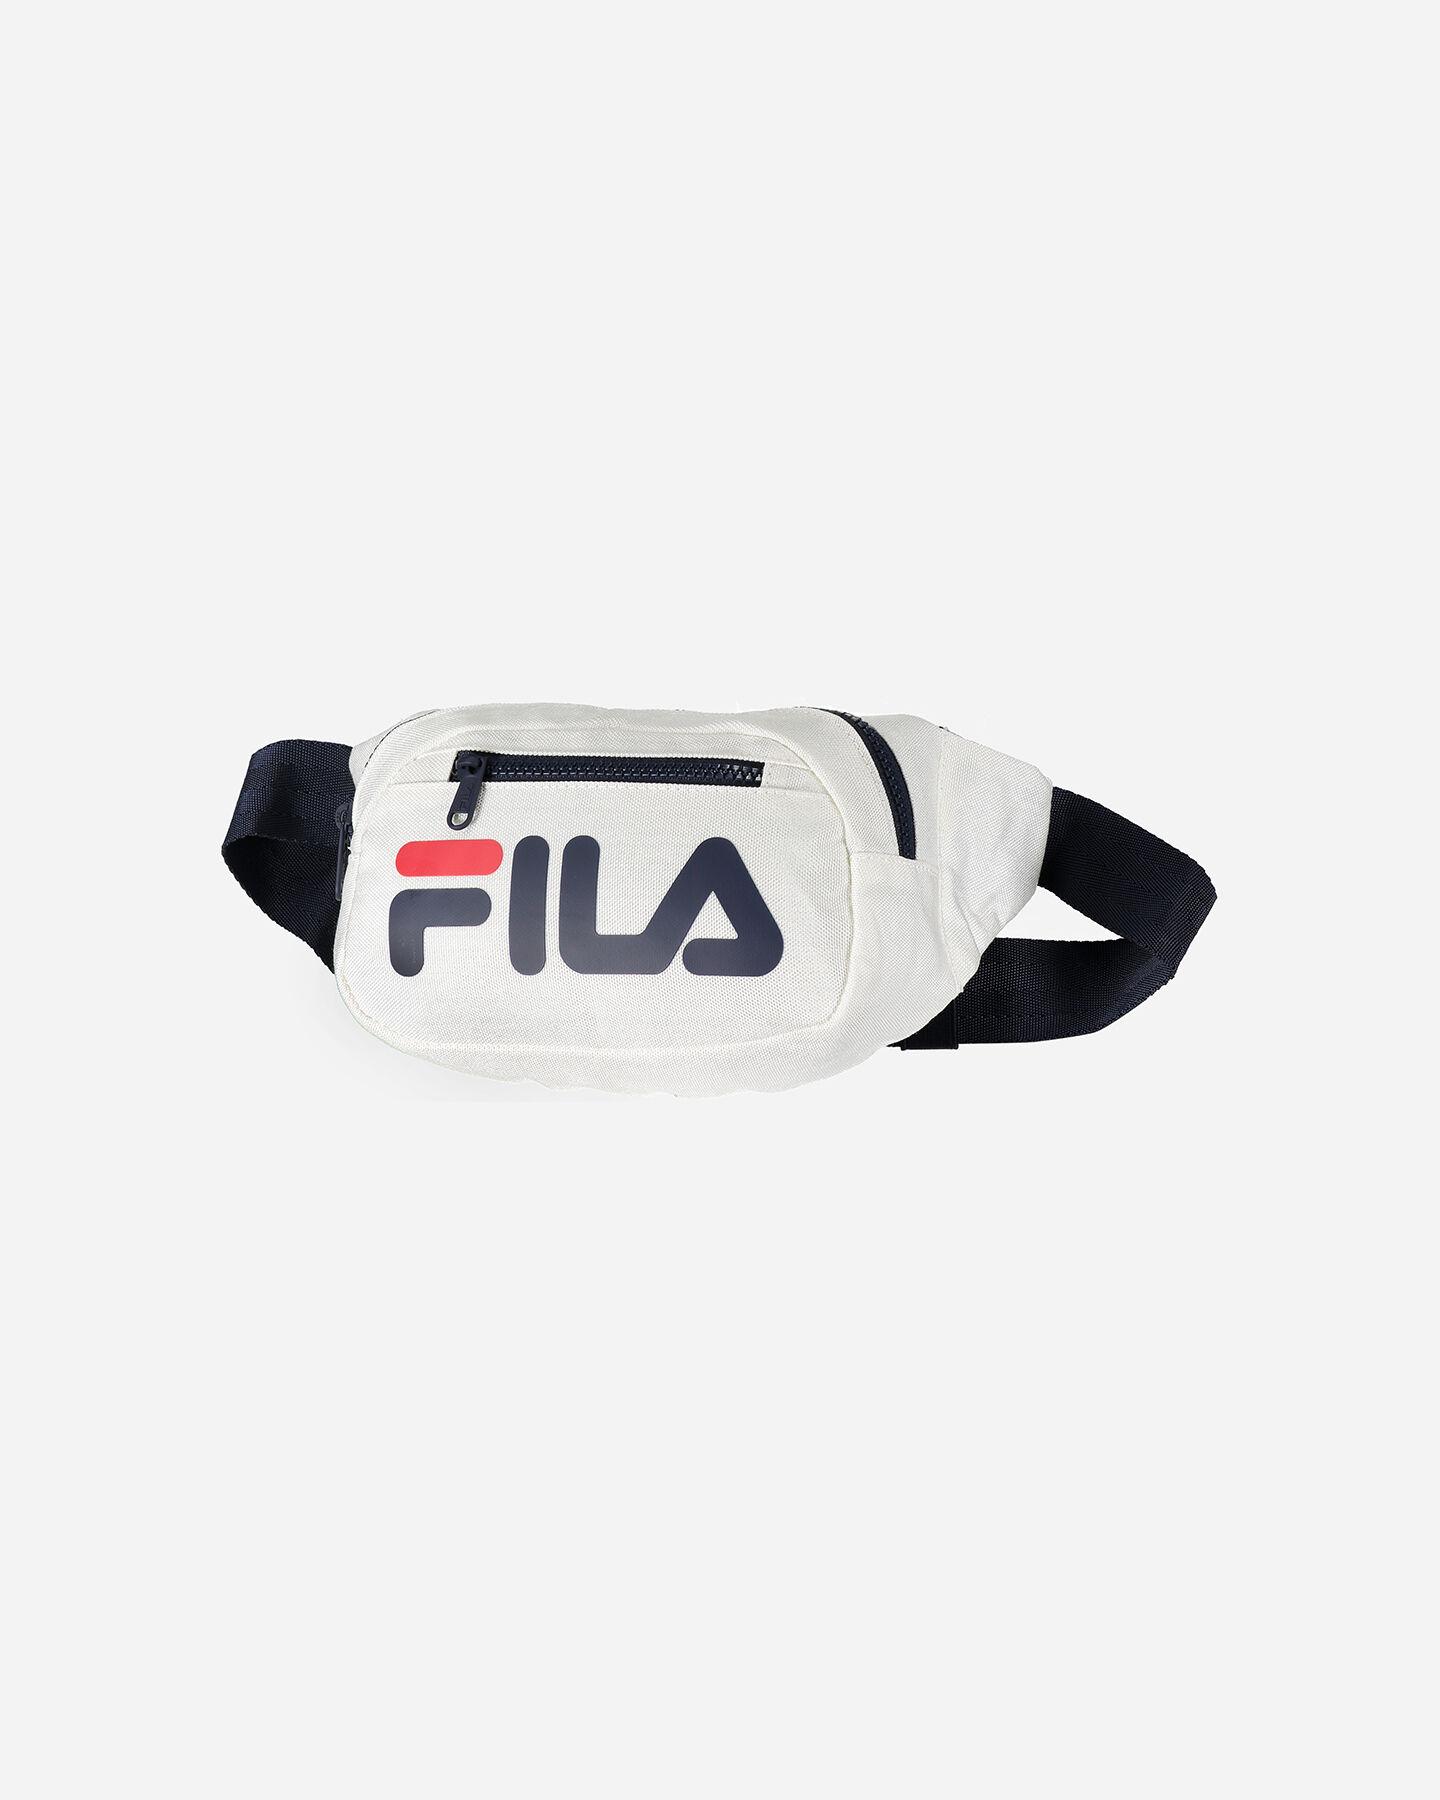 Marsupio FILA CLASSIC BIG LOGO S4066847 001 UNI scatto 0